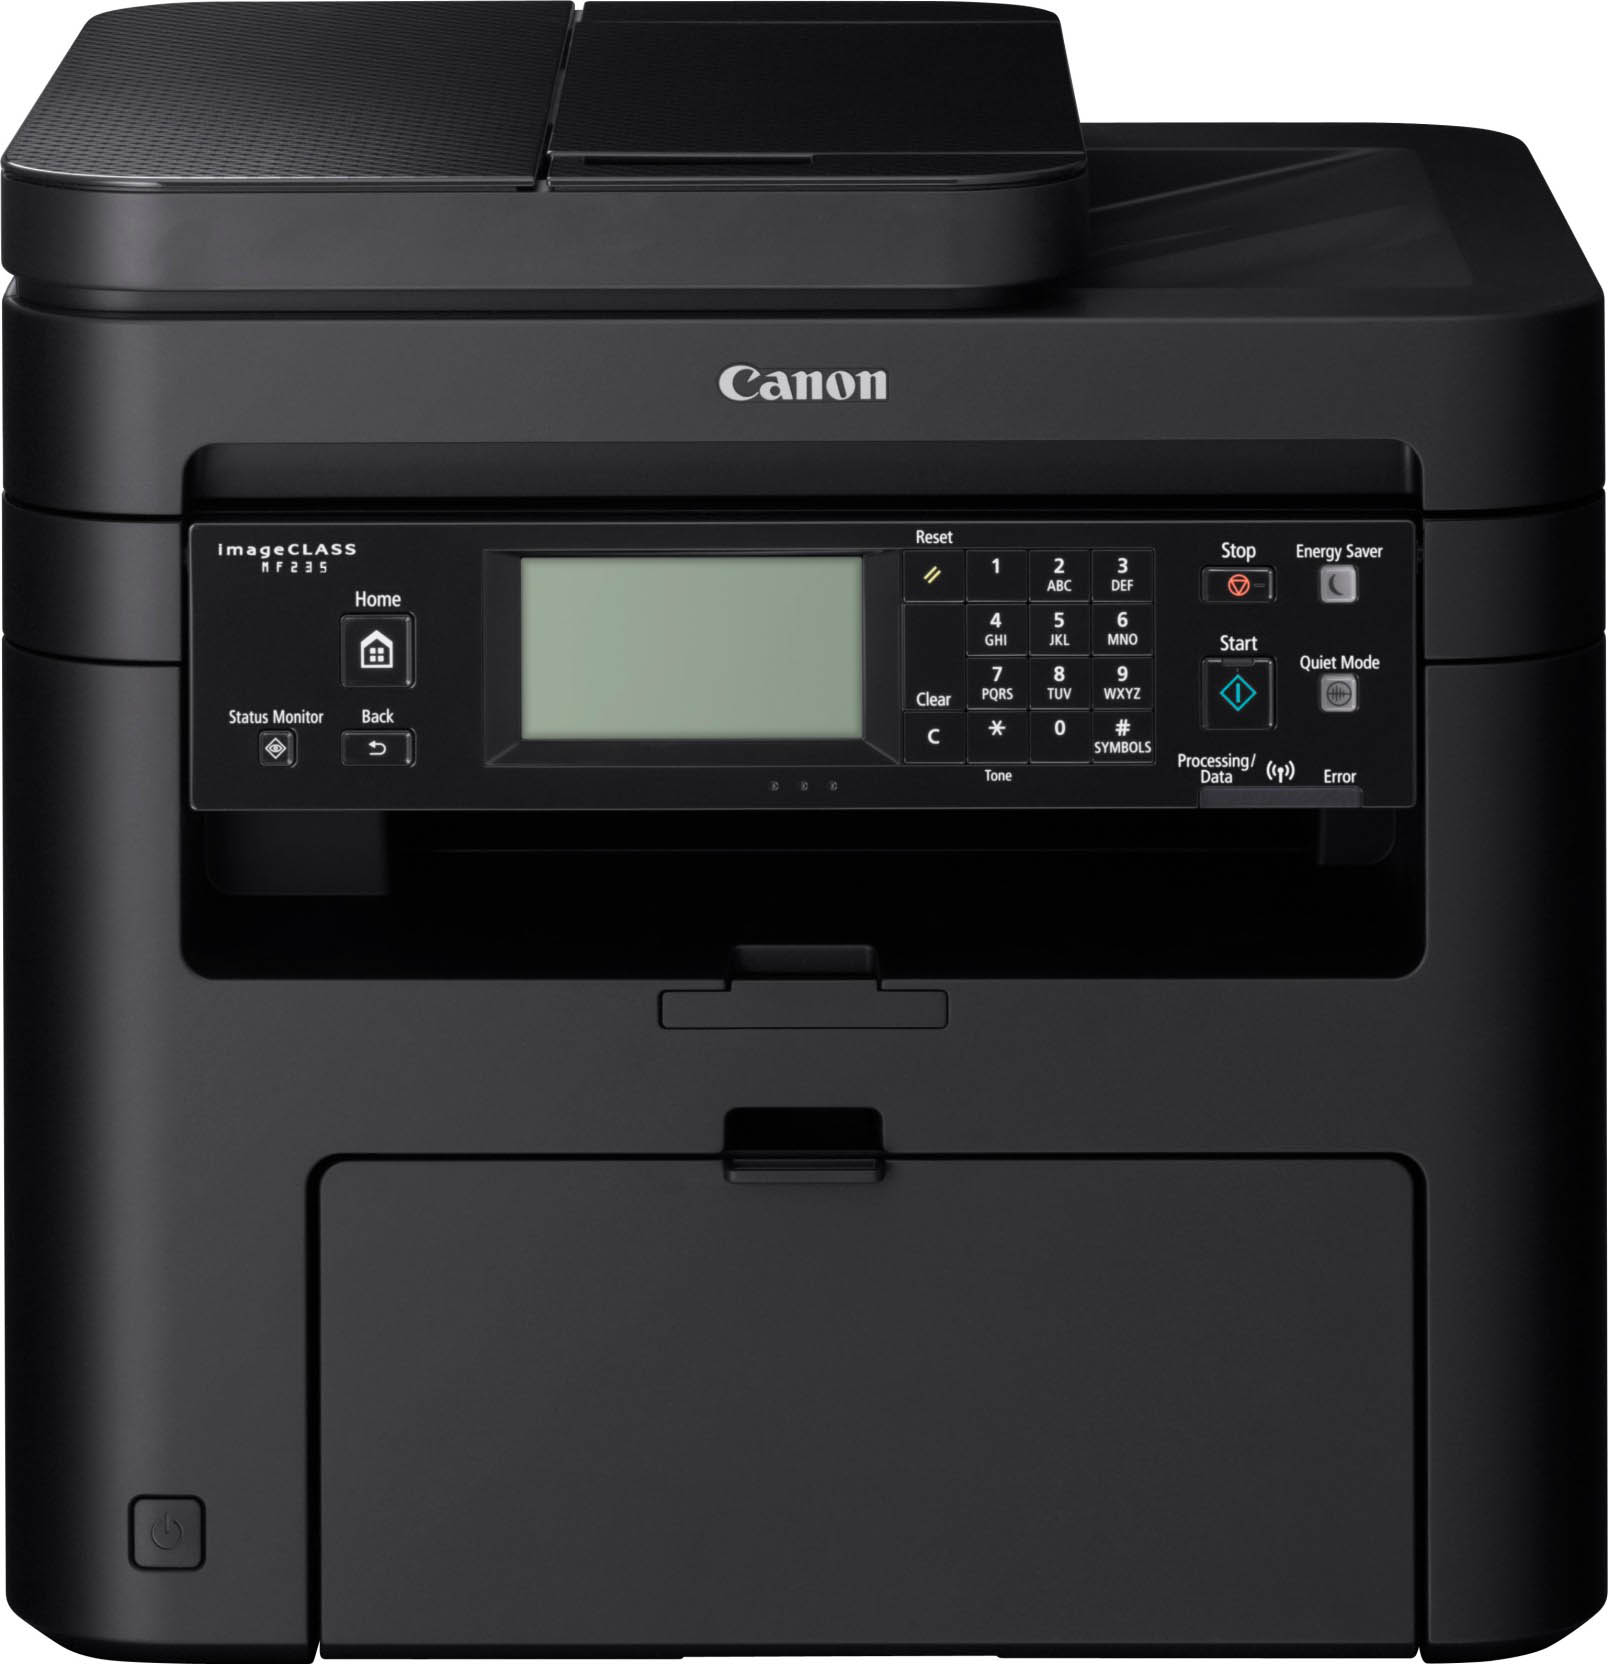 Máy in laser trắng đen CANON MF235 với thiết kế đẹp mắt